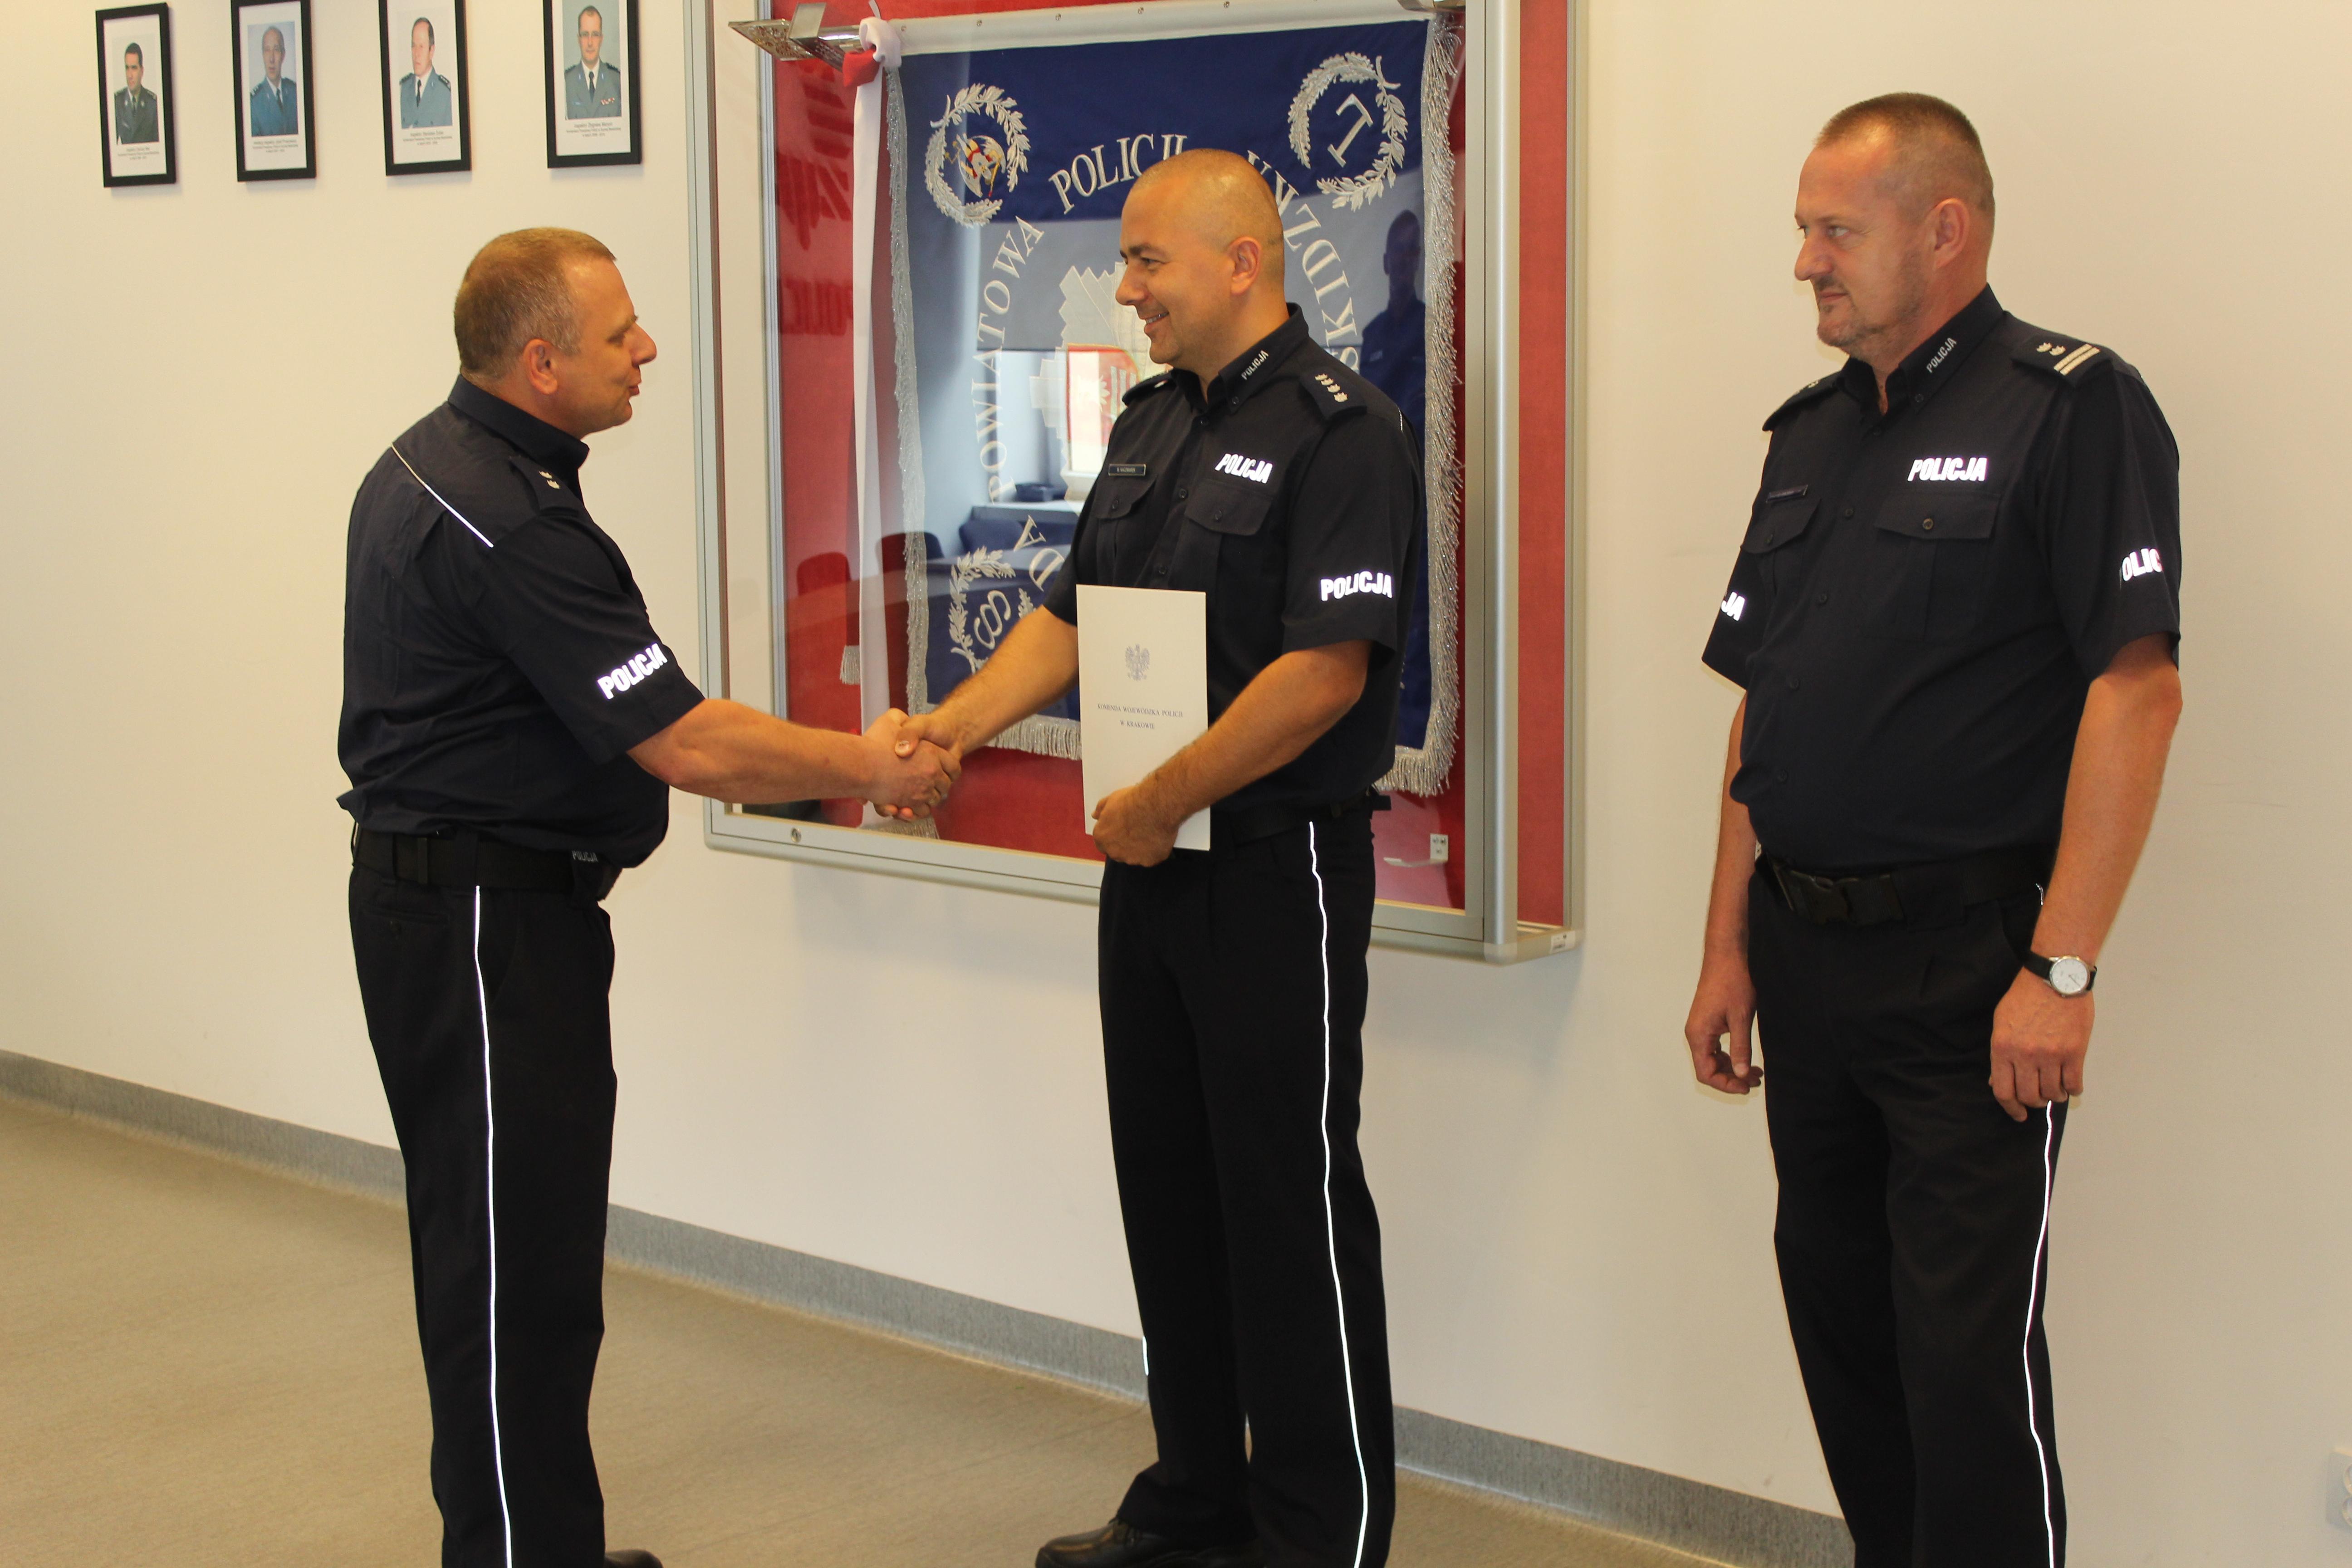 Nowy zastępca komendanta policji, poprzedni stracił stanowisko, bo jechał po pijanemu